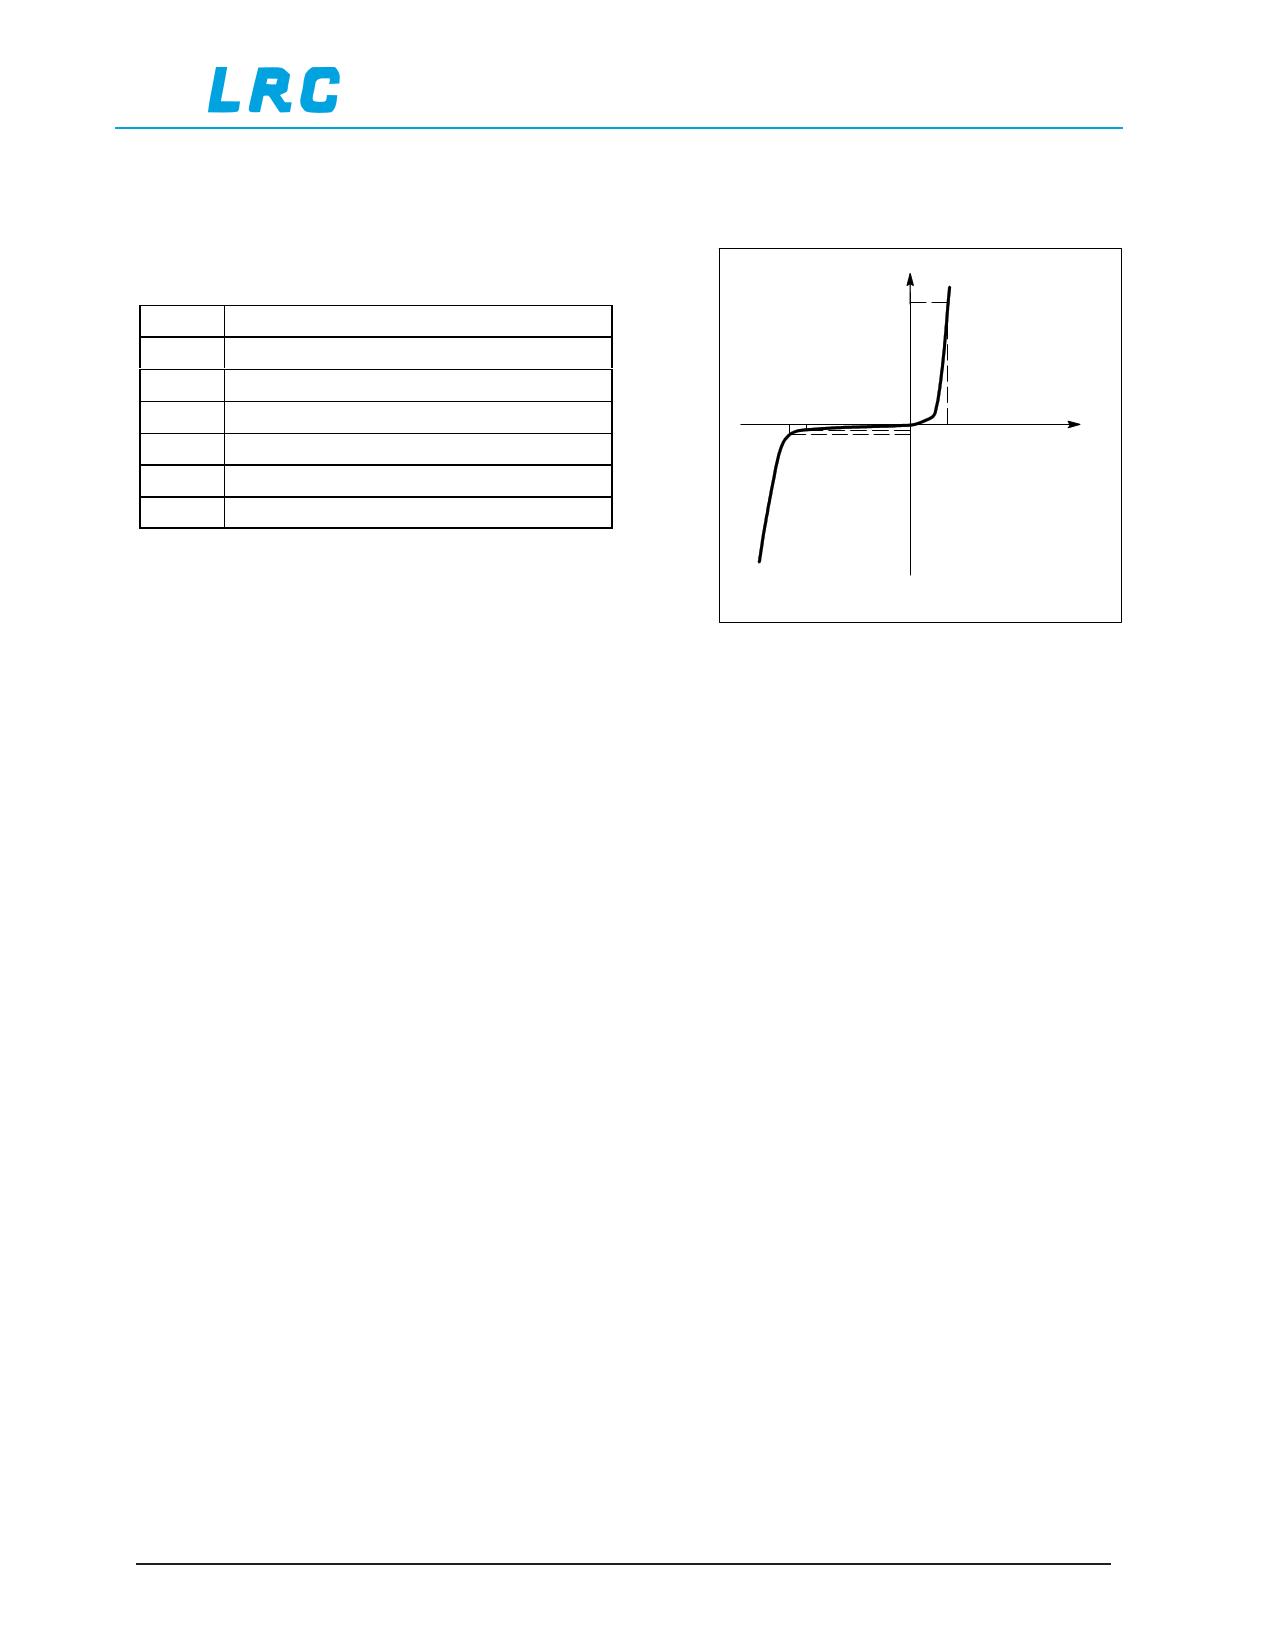 LMSZ4692T1G pdf, schematic